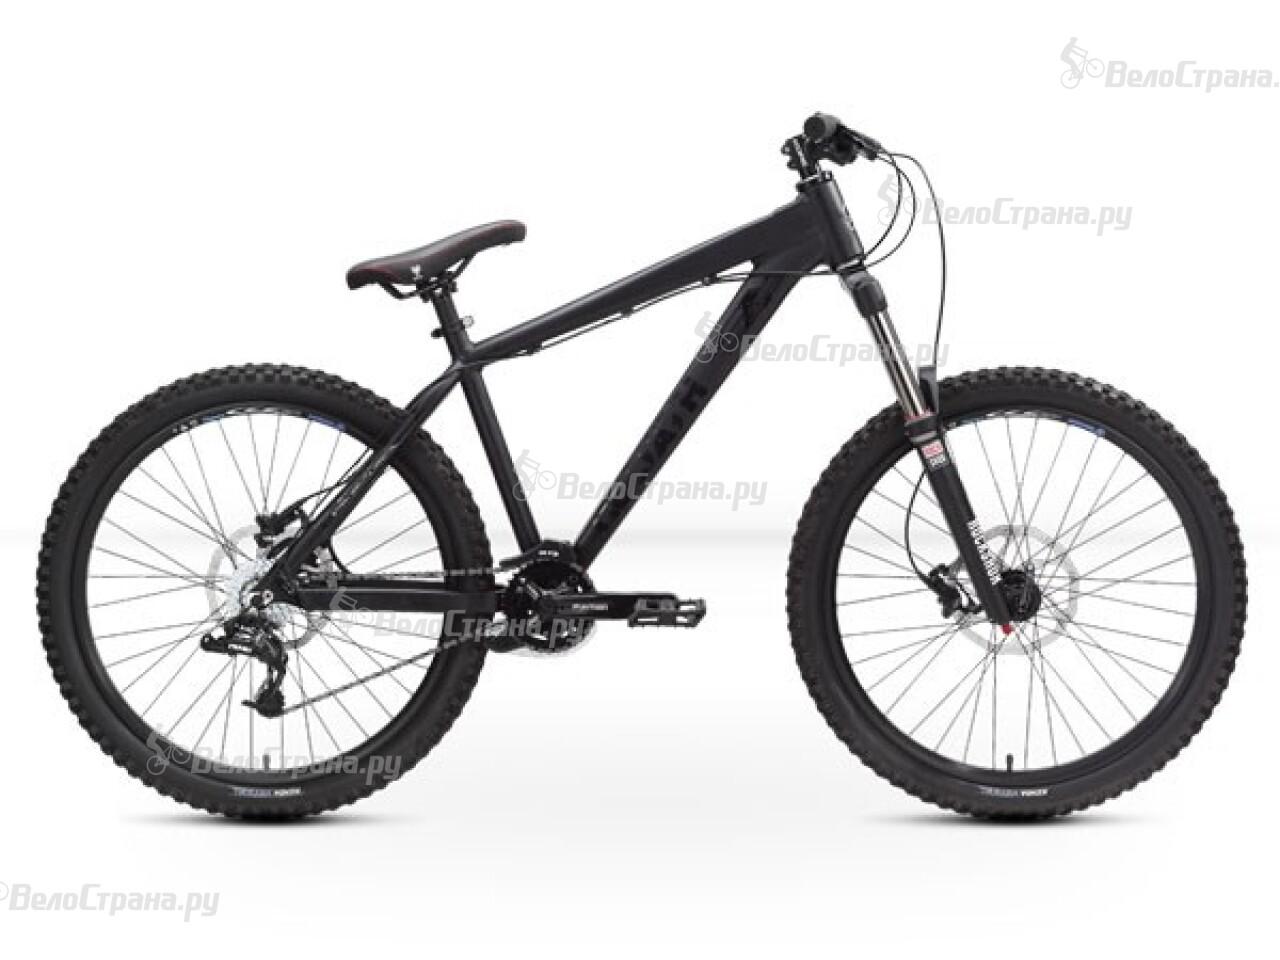 Велосипед Stark Goliath (2014) original anytek a30 dual lens auto dvr camera car video recorder rearview mirror 1080p g sensor dash cam